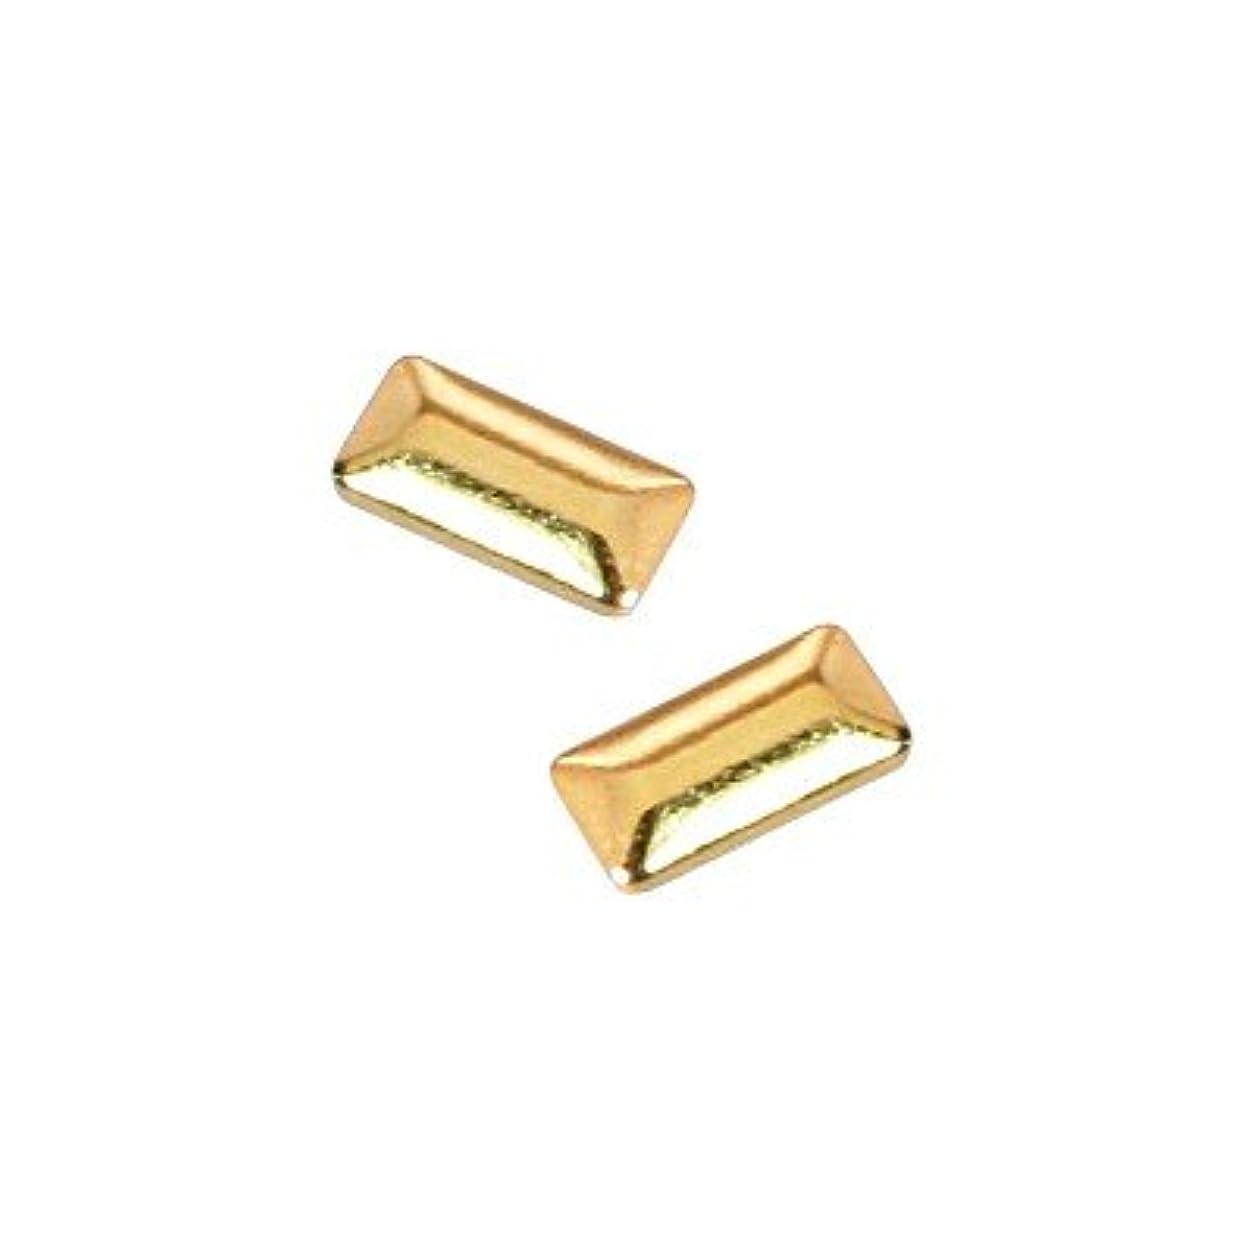 変装東方伝説ピアドラ スタッズ メタル長方形 1×3mm 50P ゴールド